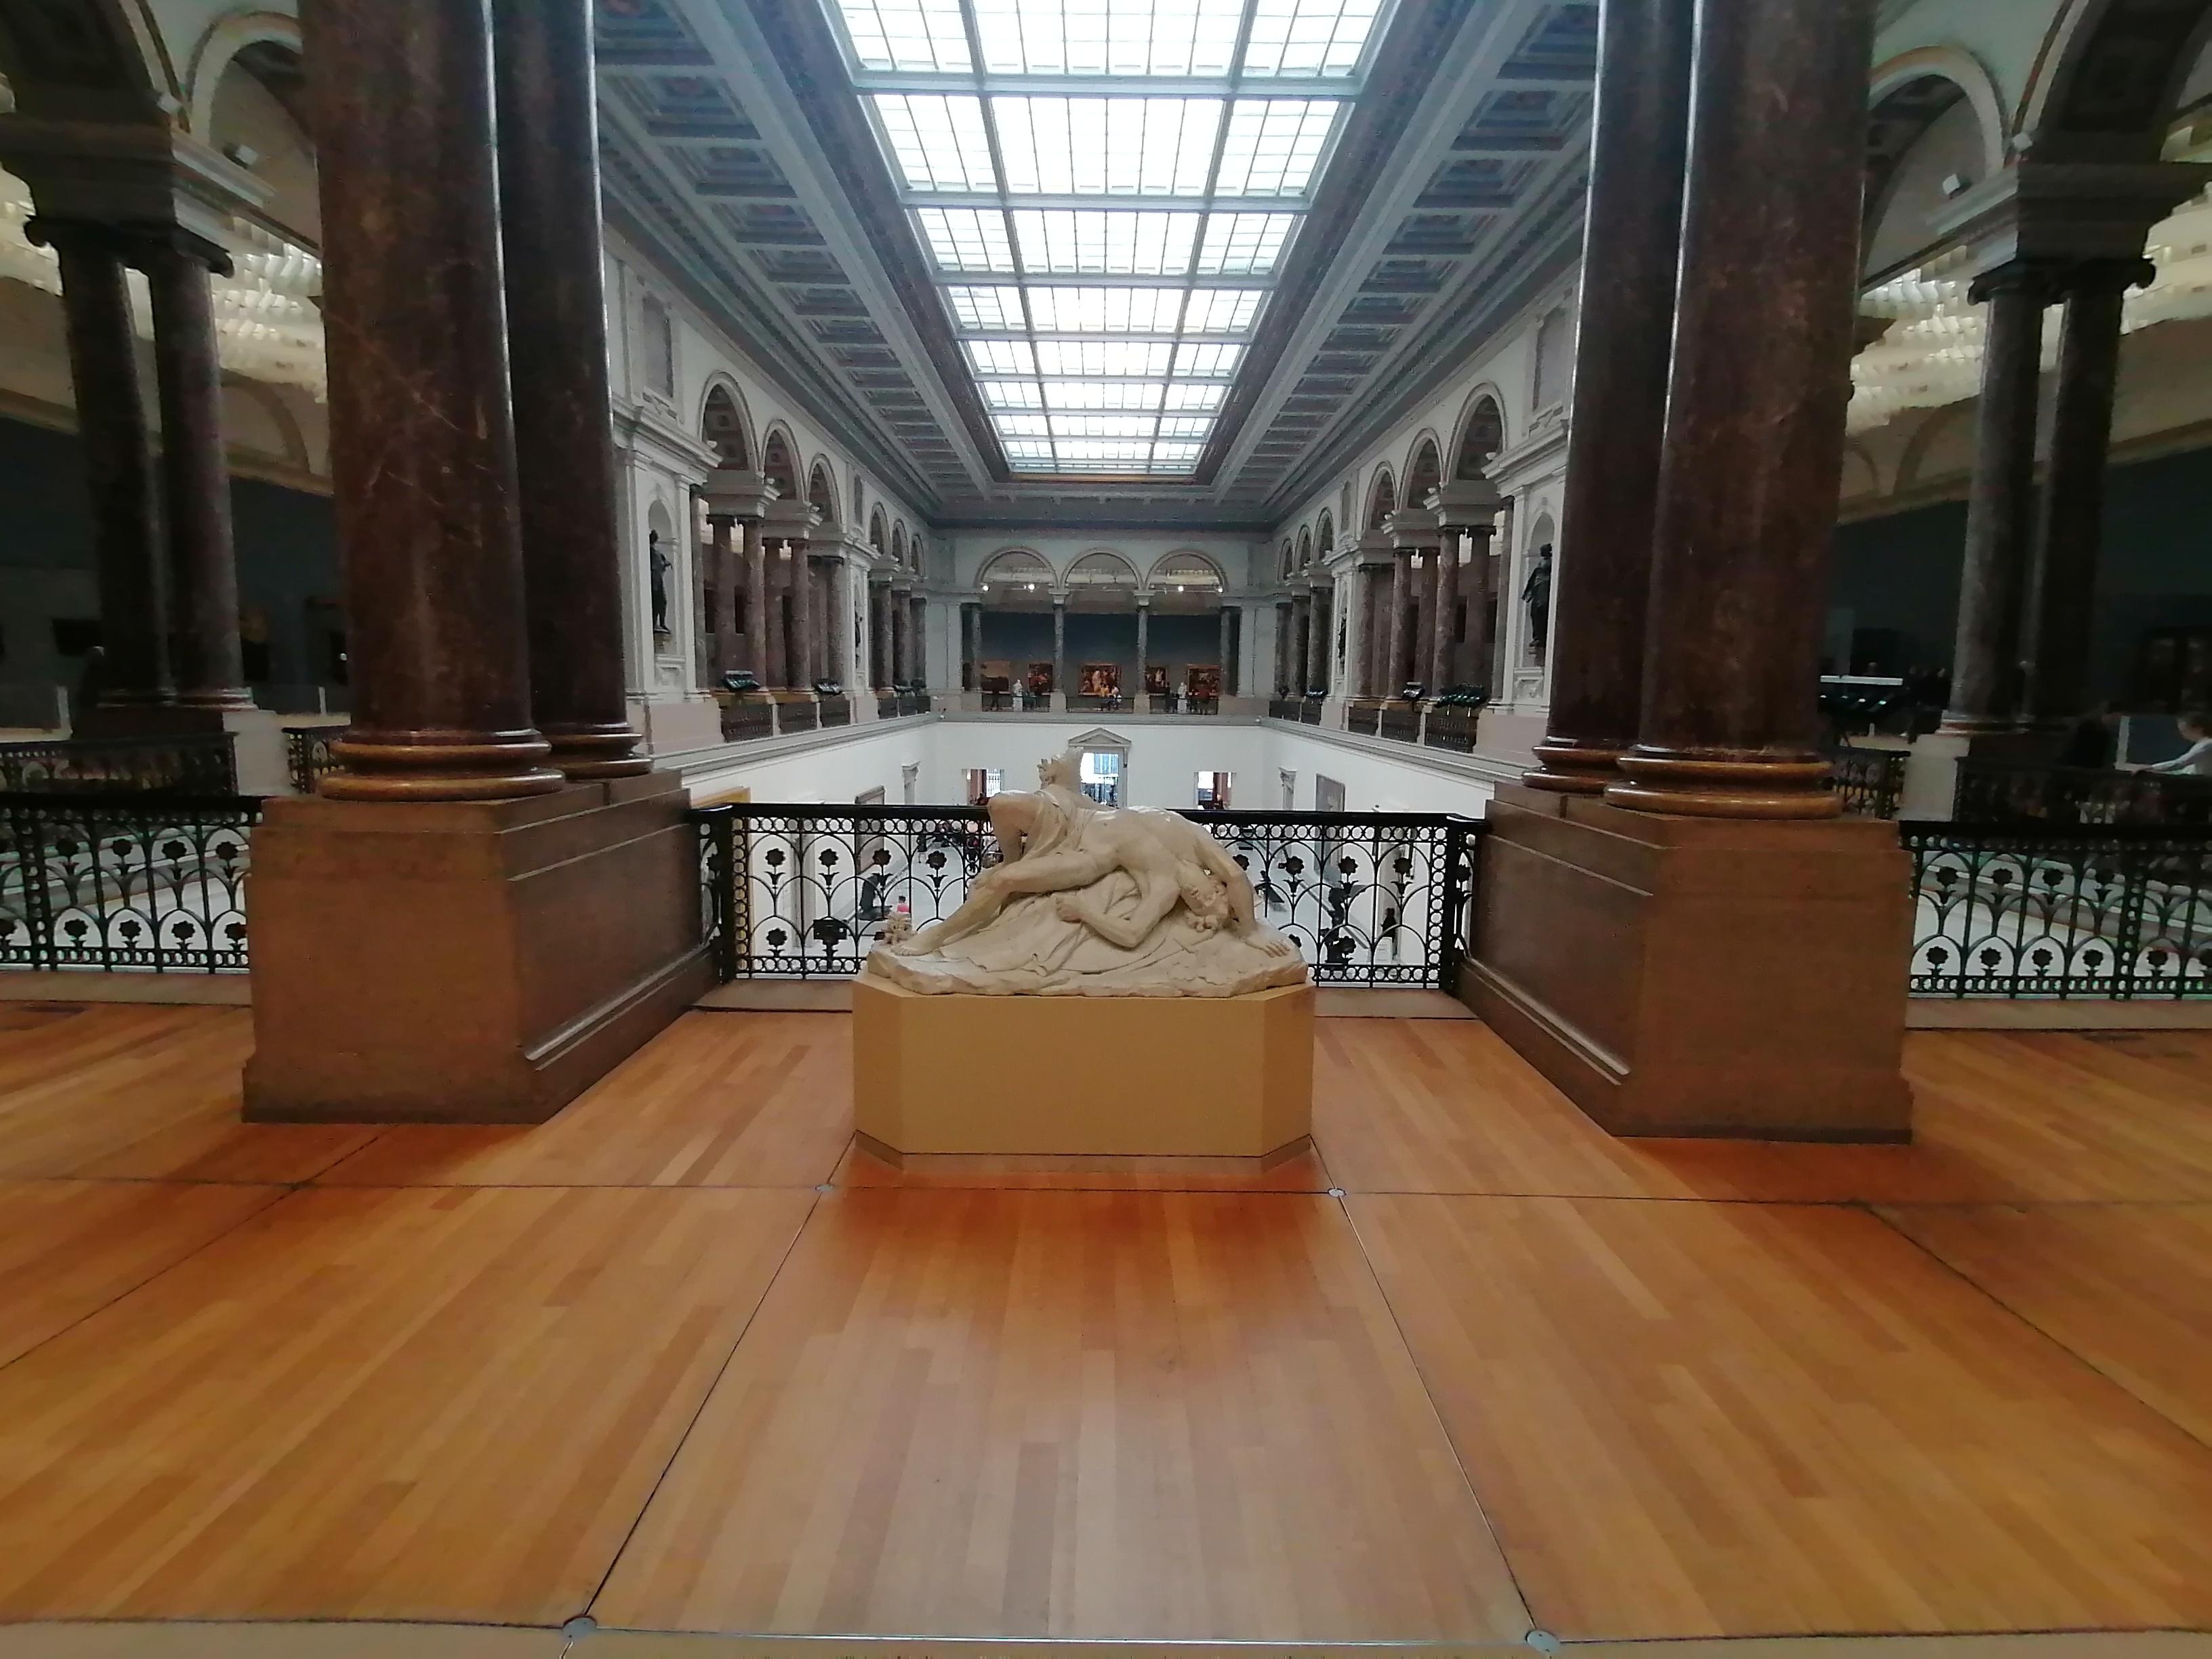 Museo de los primitivos flamencos. #Bruselas